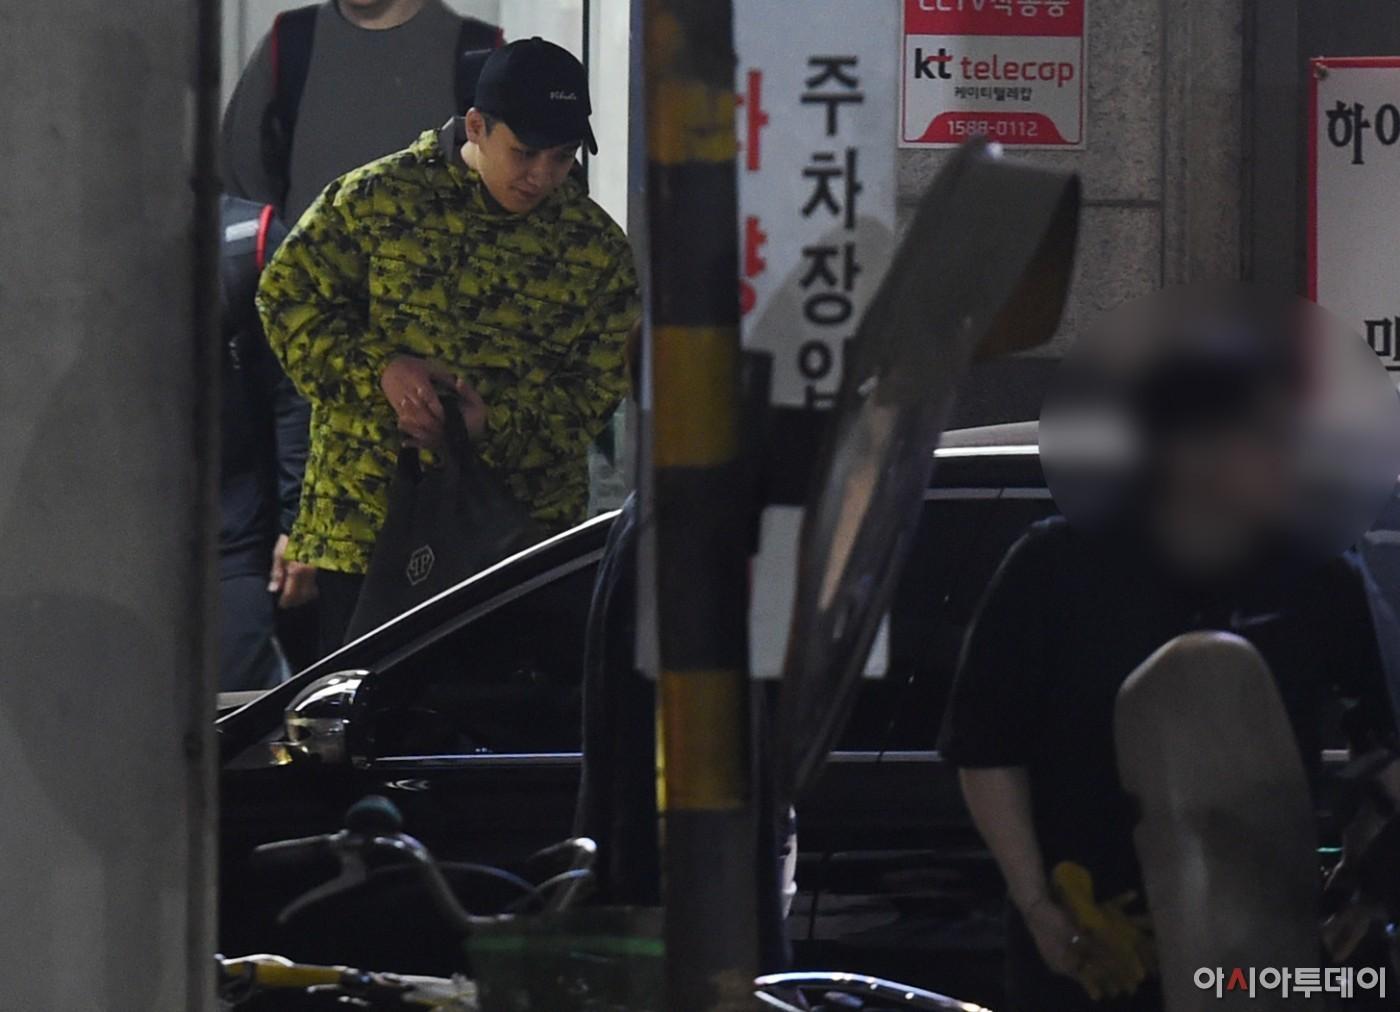 Sốc: Seungri vui vẻ đi tập gym sau khi tòa án hủy lệnh bắt, công chúng Hàn Quốc phẫn nộ và fan Việt vẫn bênh - Ảnh 5.